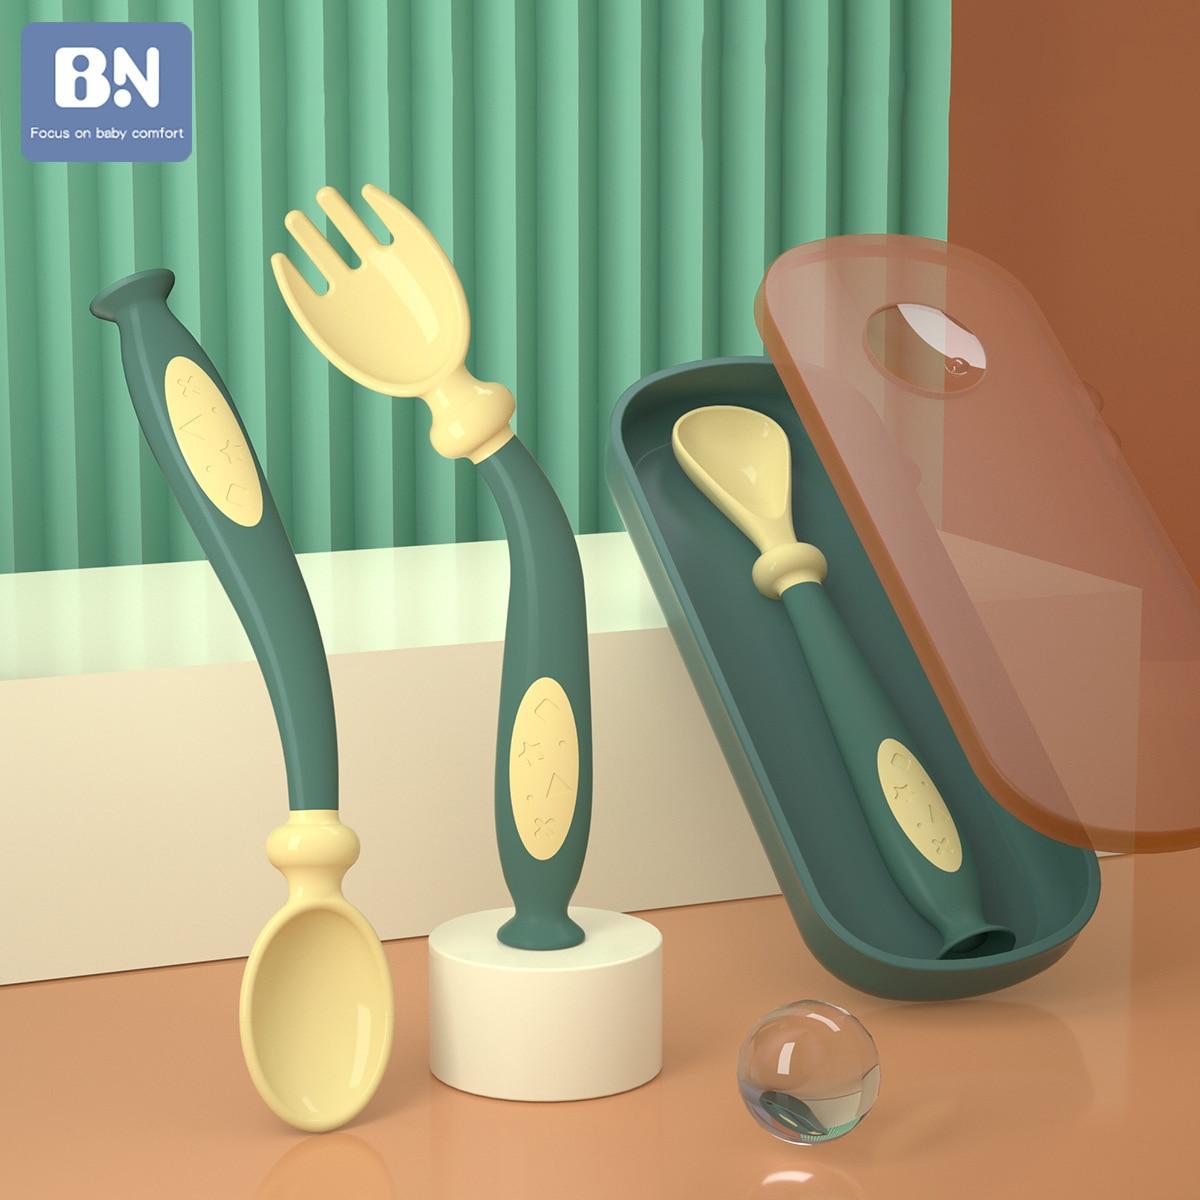 Силиконовая ложка BN для детей, набор посуды, вспомогательная еда для малышей, обучение съедобному обучению, гибкая мягкая вилка для младенц...